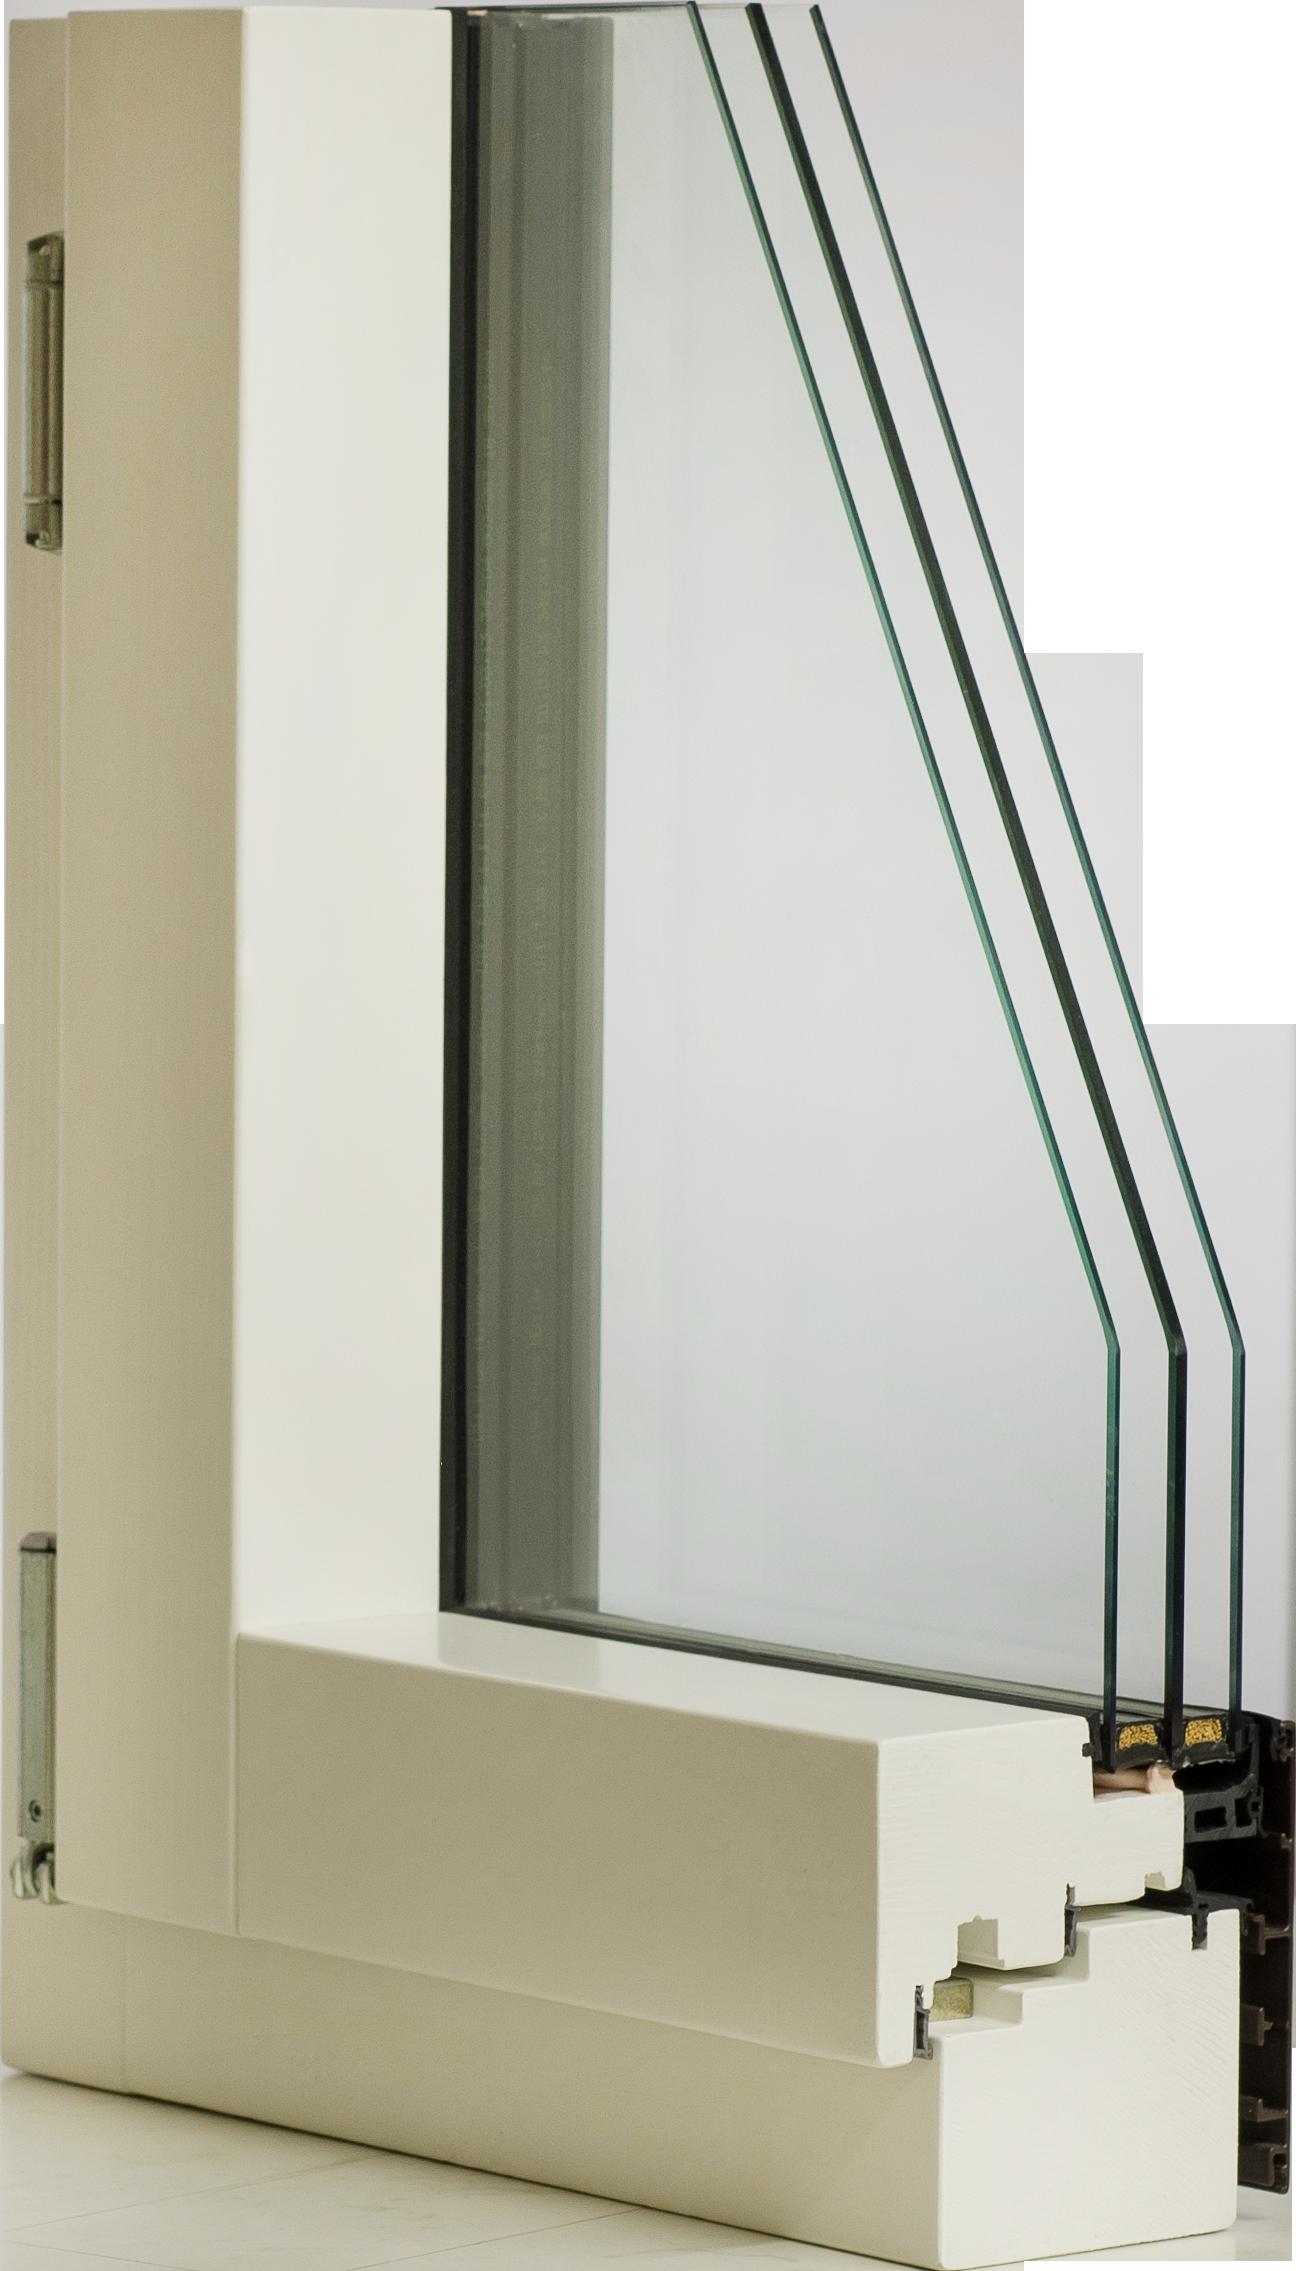 Full Size of Holz Alu Fenster Mit 3 Fach Verglasung Ohne Rahmen Einbruchschutz Folie Dachschräge Sichtschutzfolie Einseitig Durchsichtig Rc3 Teleskopstange Kbe Auto Fenster Alu Fenster